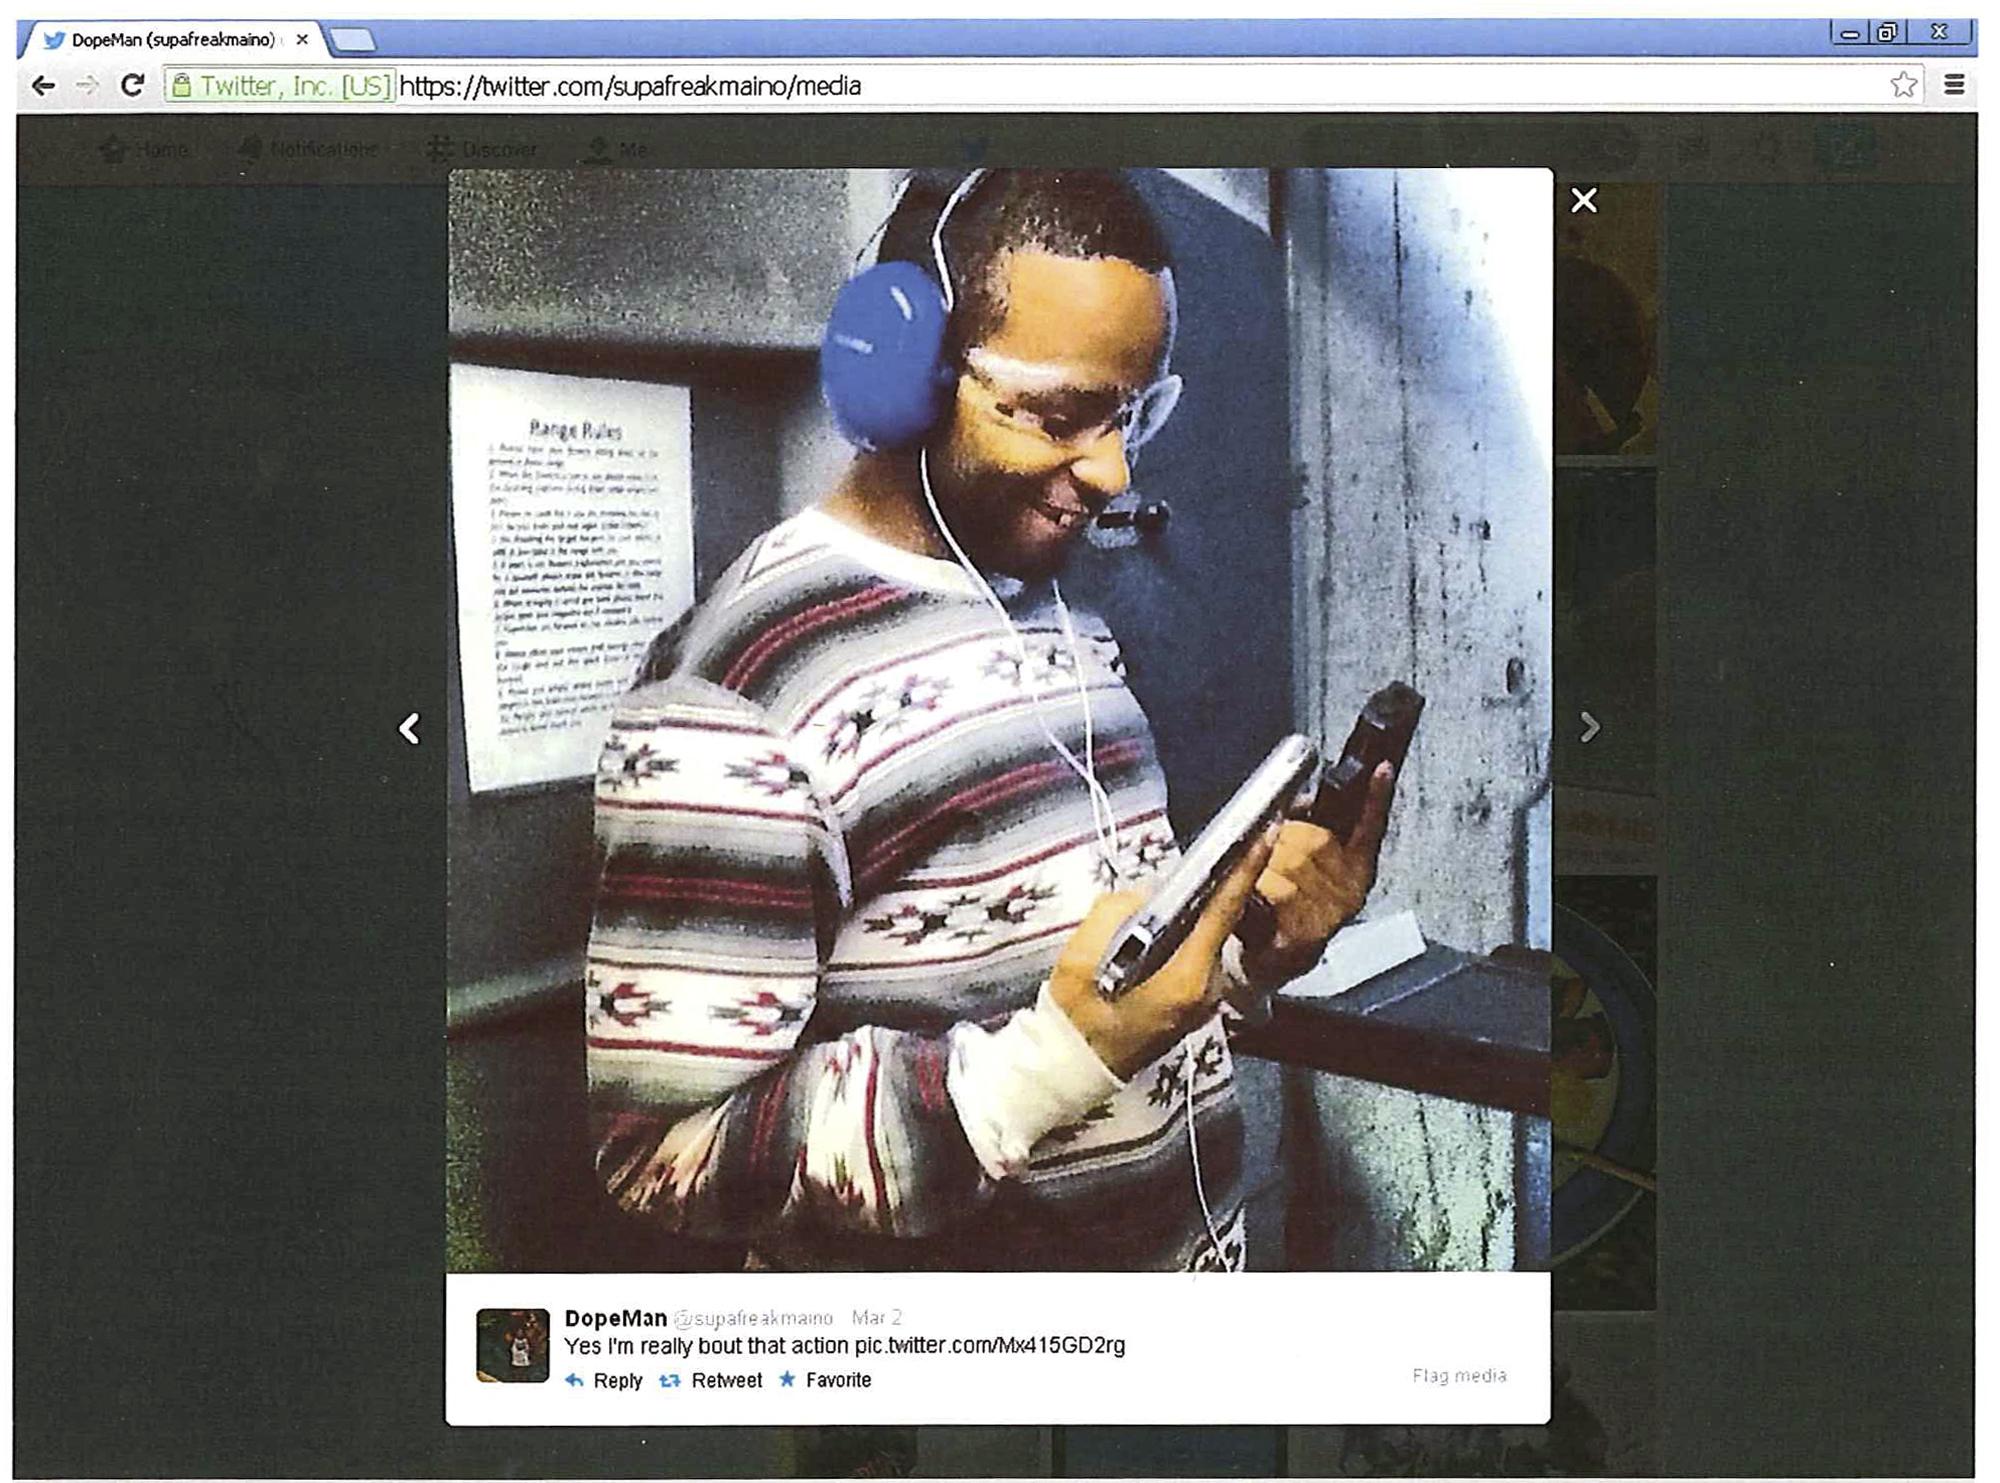 Felon seen on Twitter holding guns gets 18 months